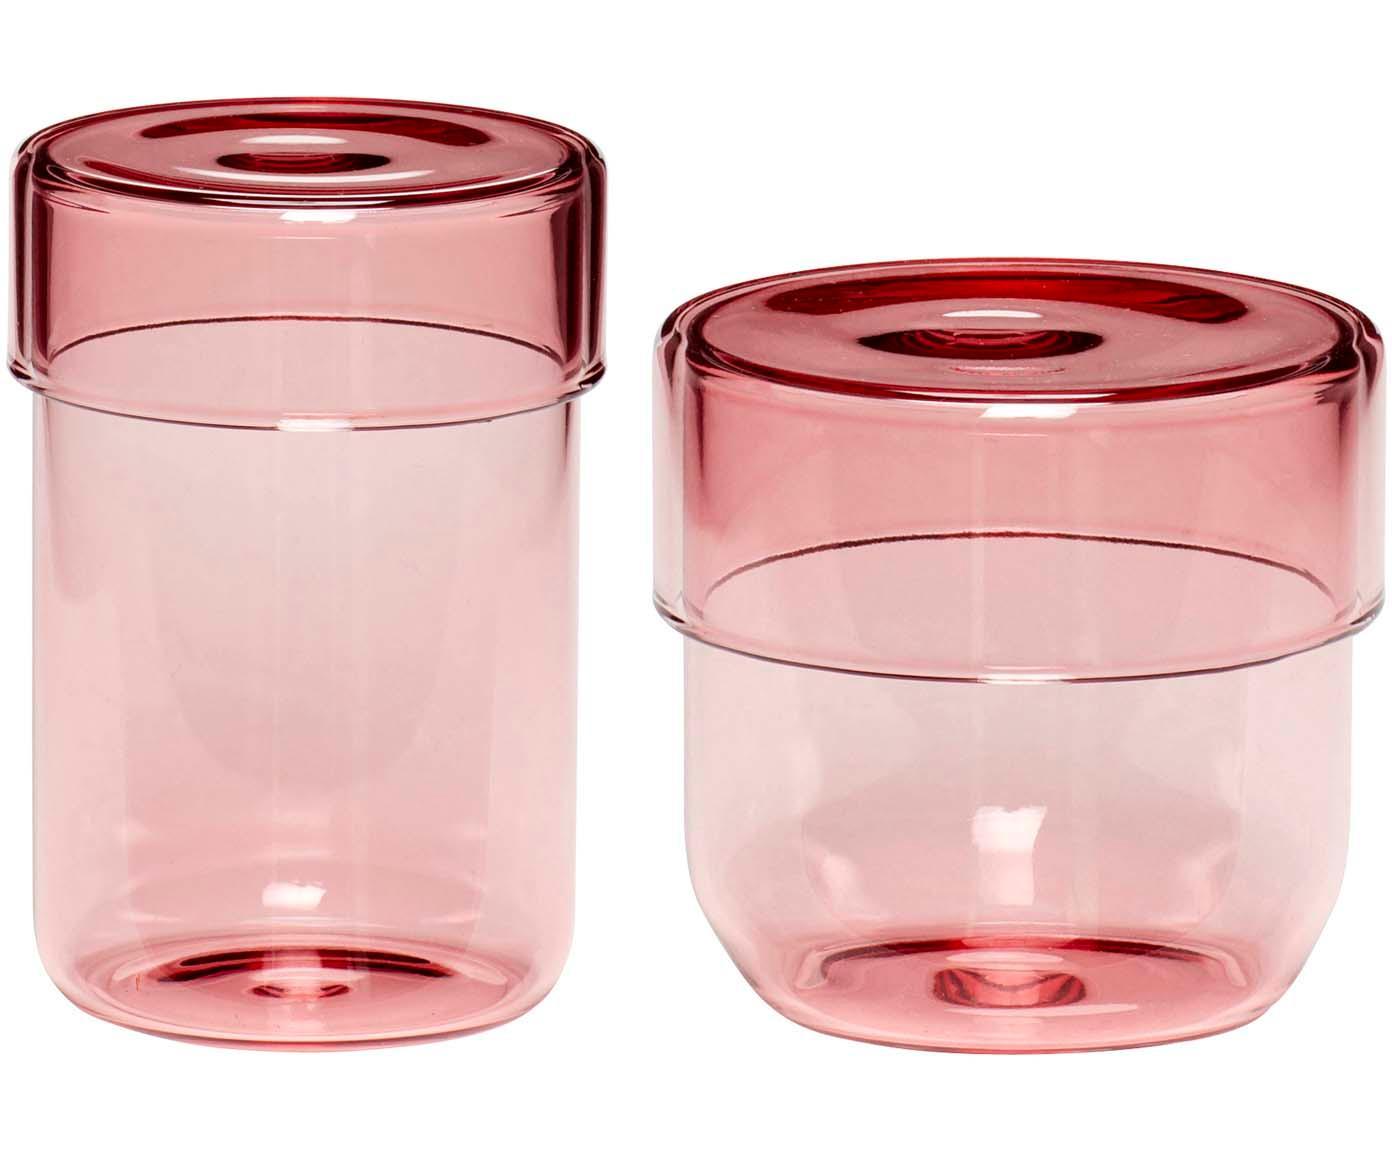 Komplet pojemników do przechowywania Transisto, 2 elem., Szkło, Blady różowy, Komplet pojemników S